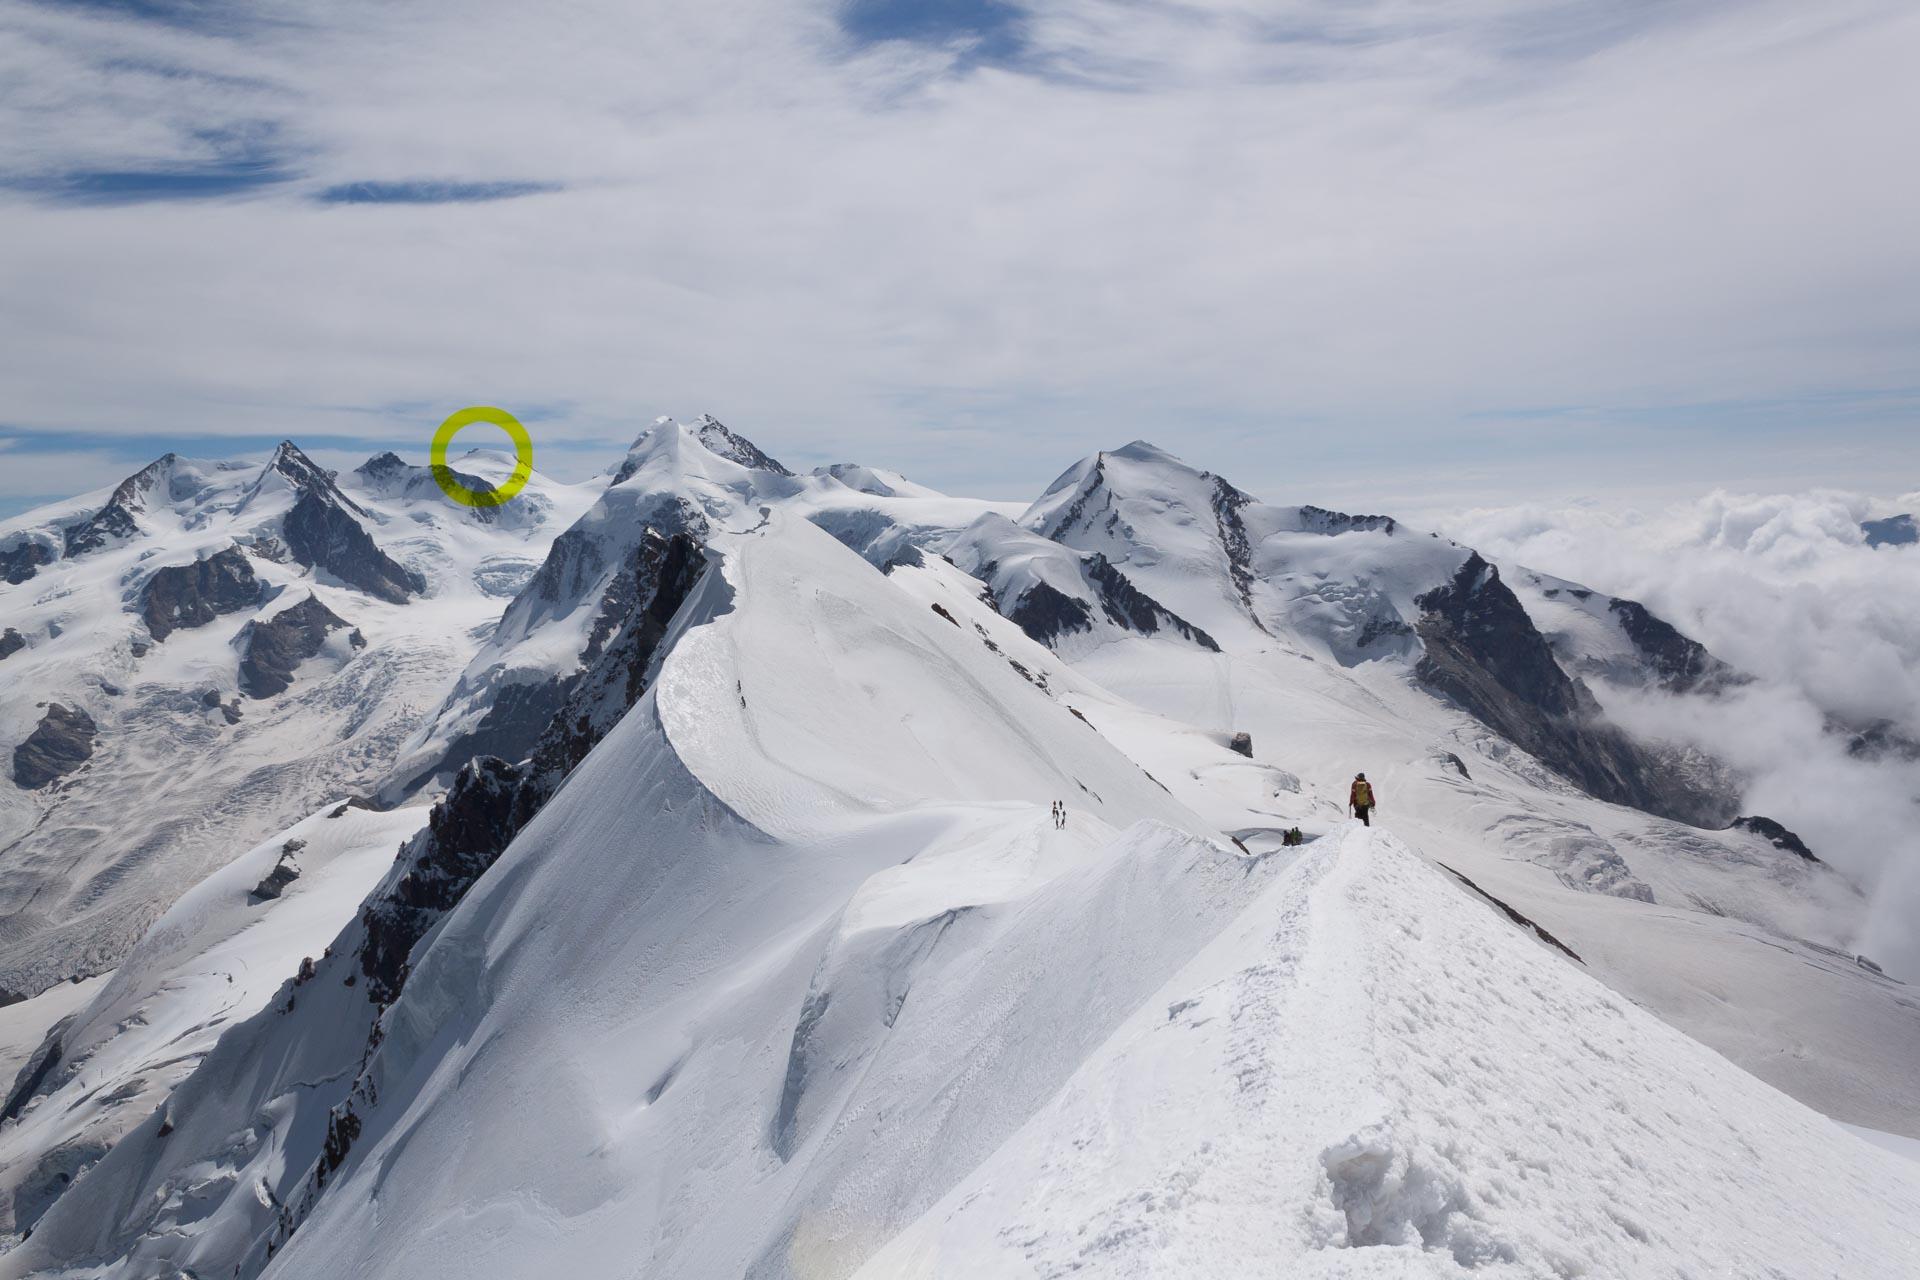 Auf meinem mehrtägigen Weg von Zermatt zu Europas höchstgelegenem Gebäude, der Capanna Margeritha [4.554 m.] in Italien.